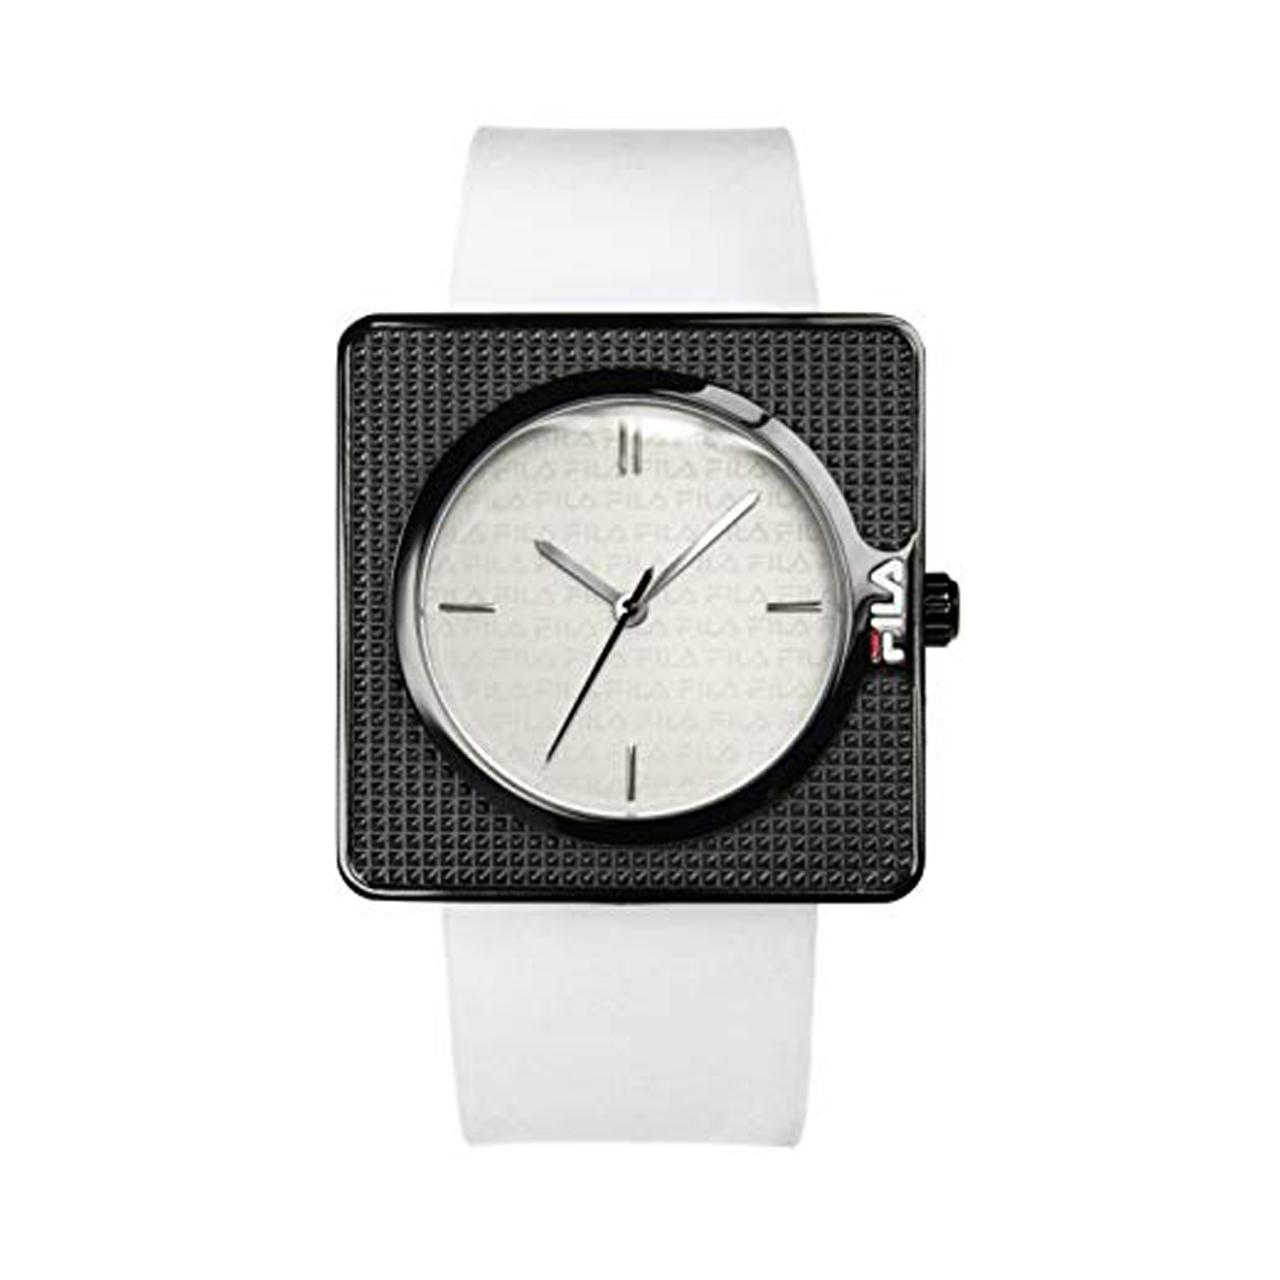 ساعت زنانه برند ی فیلا مدل 38-022-001